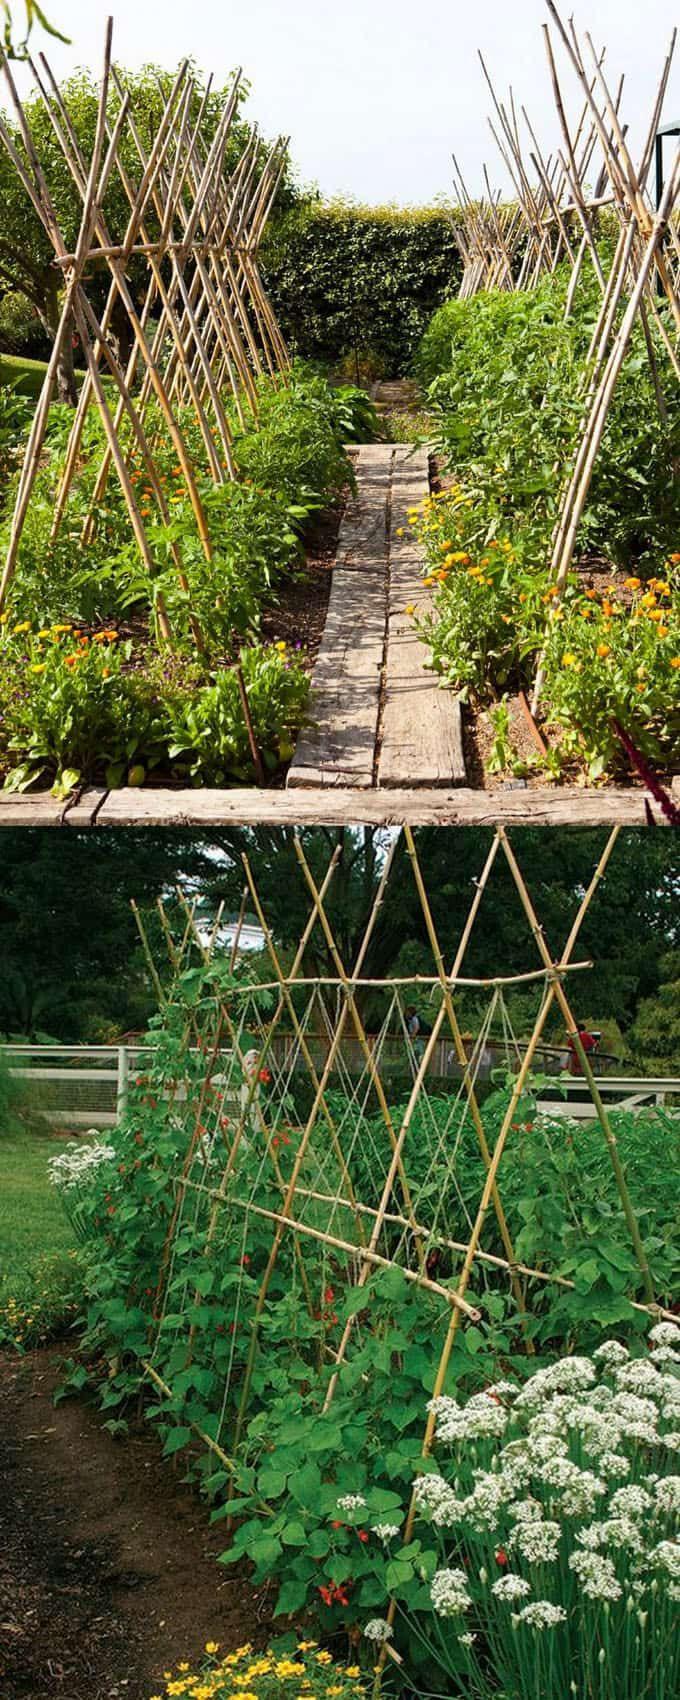 Simphome.com easy diy garden trellis ideas vertical growing structures